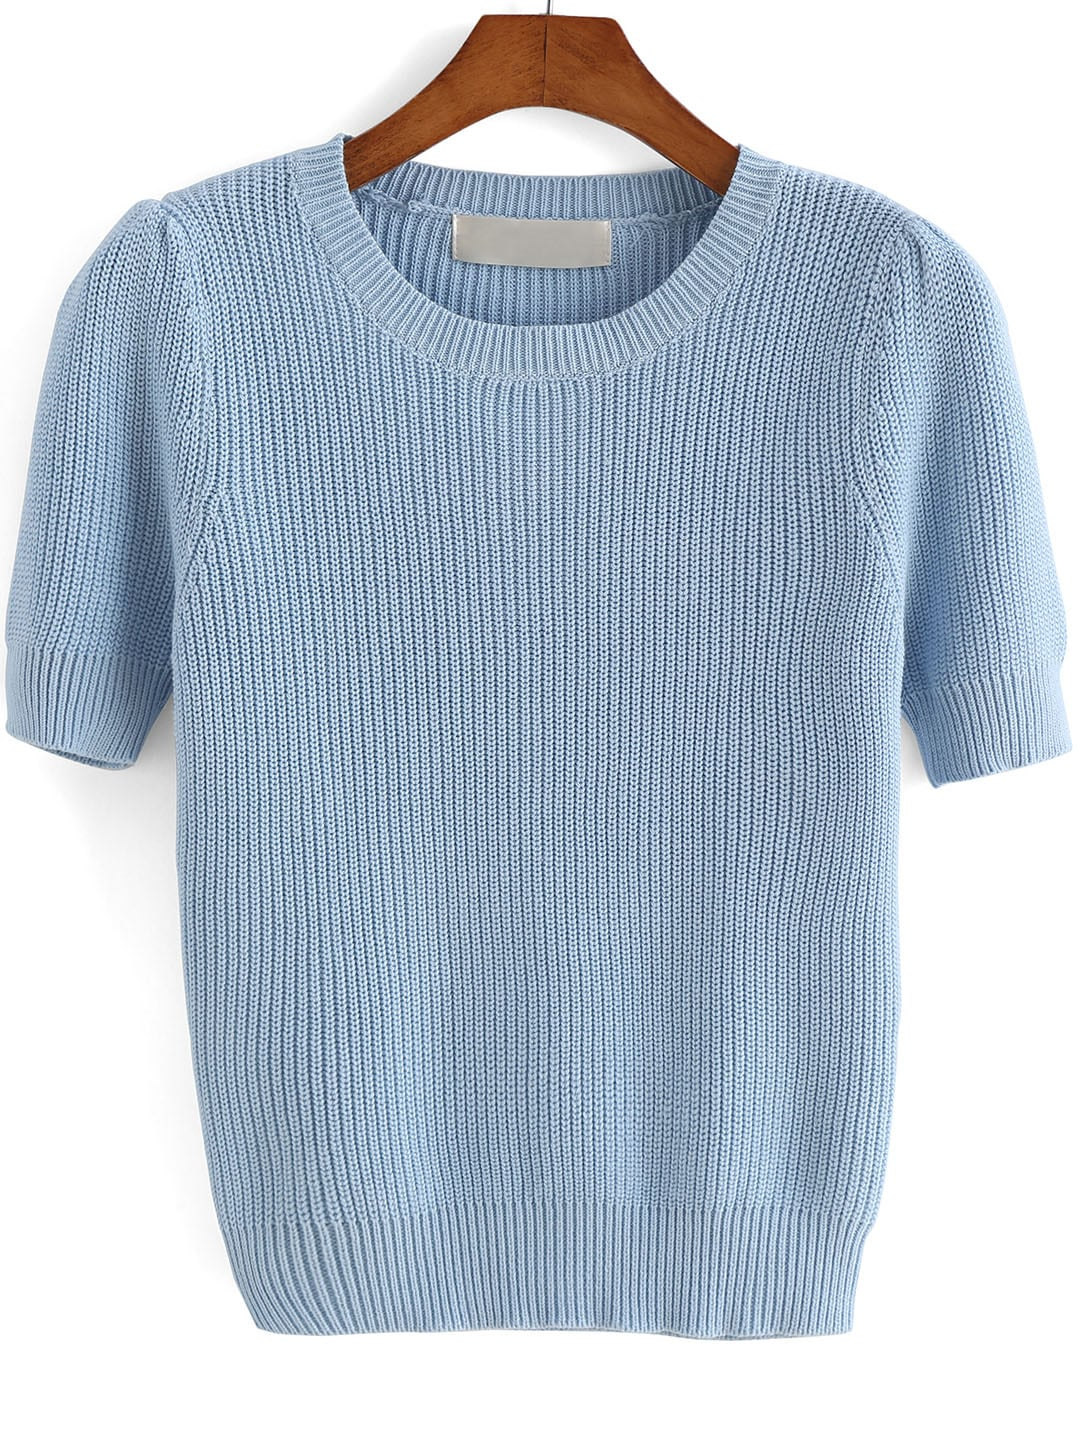 Blue Round Neck Short Sleeve Knit Sweater -SheIn(Sheinside)